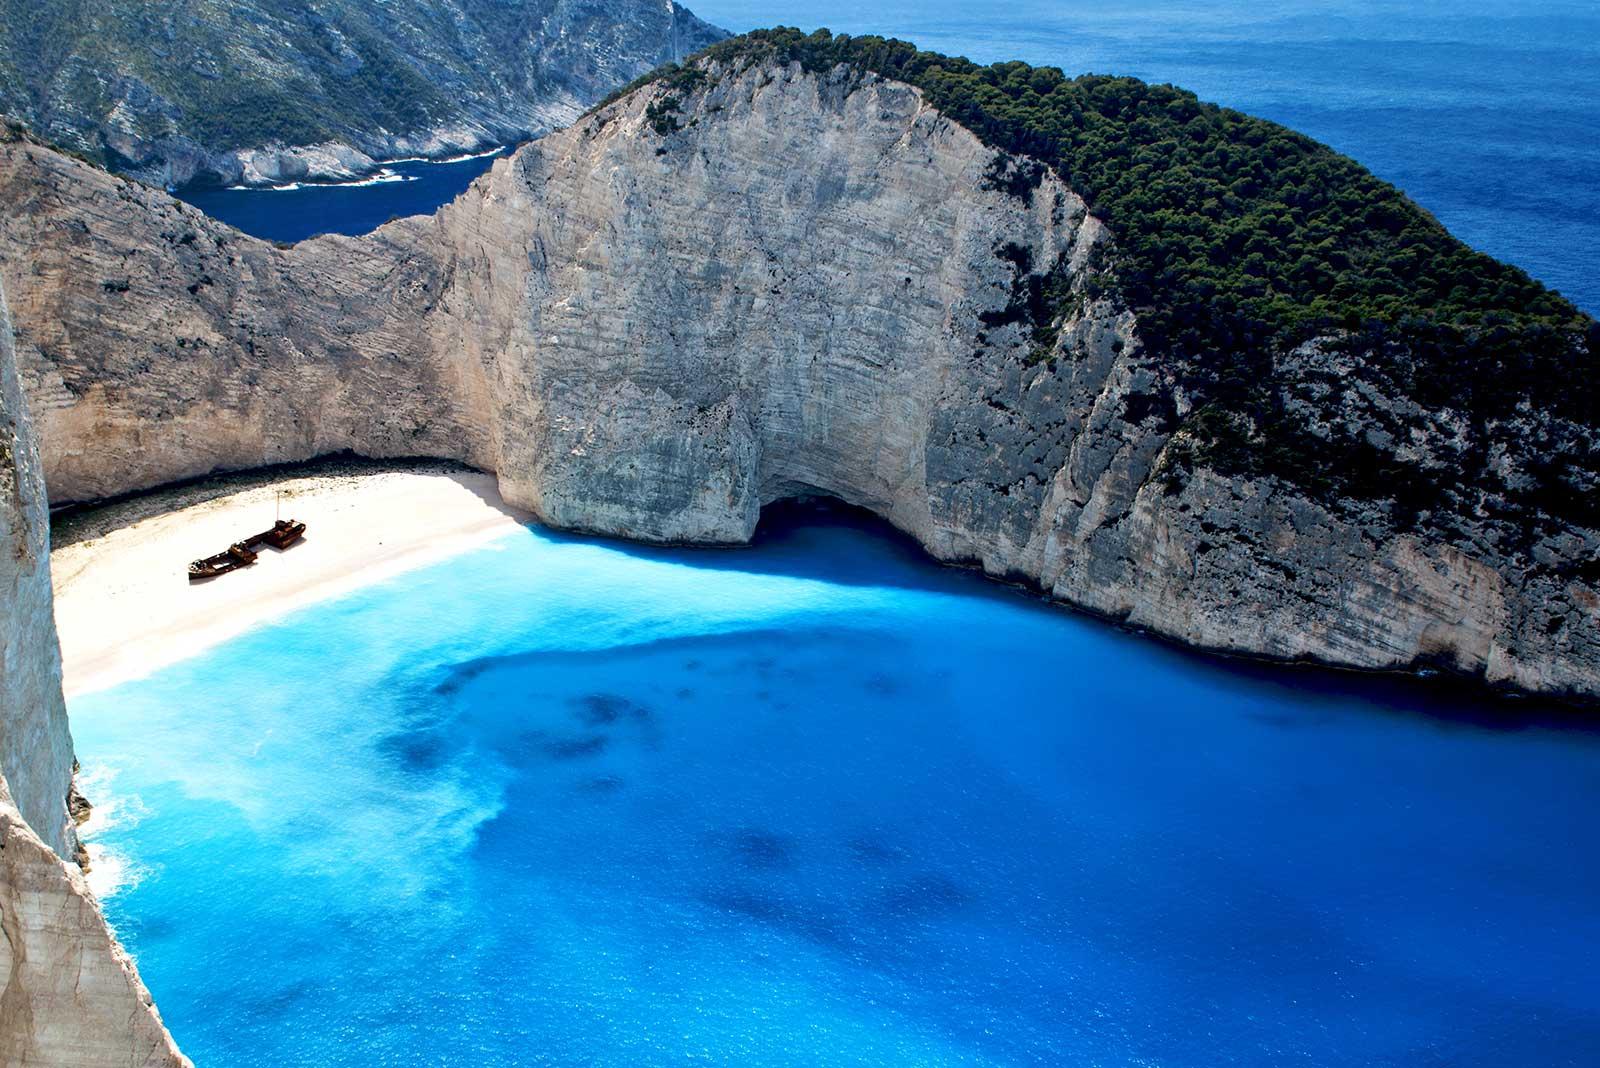 Urlaub An Den Schönsten Stränden Am Mittelmeer Wegde